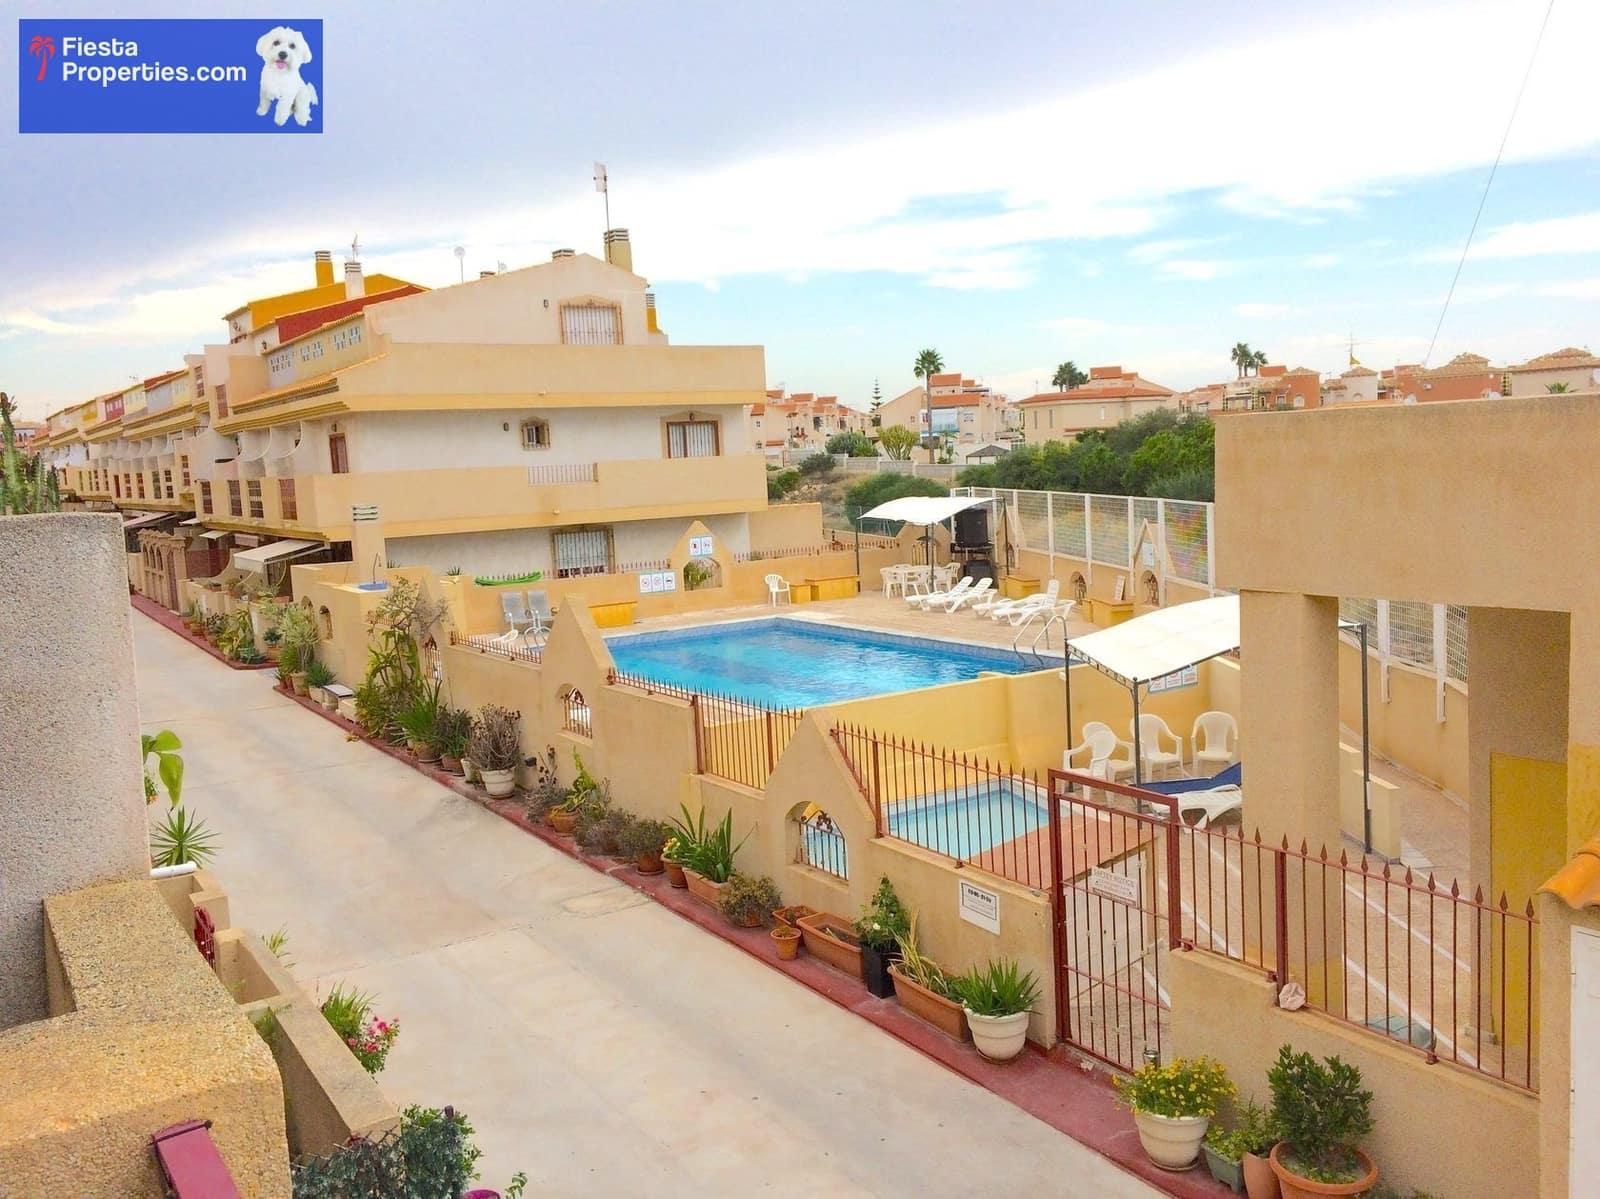 Casa de 3 habitaciones en Playa Flamenca en venta con piscina - 105.000 € (Ref: 5051026)